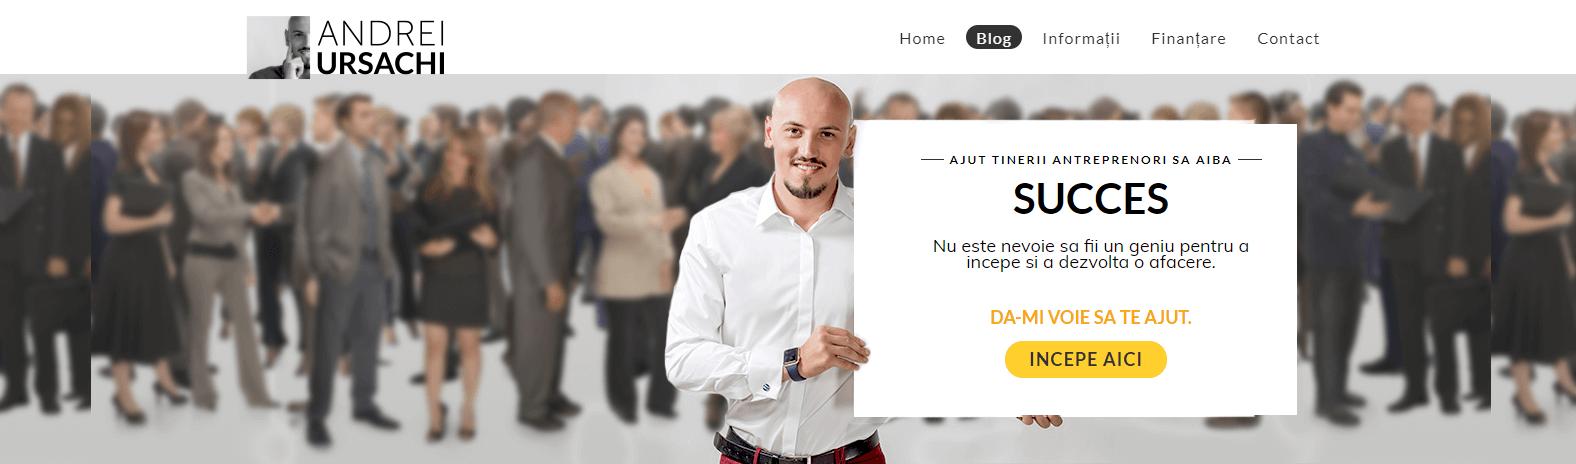 Andrei Ursachi blog antreprenoriat